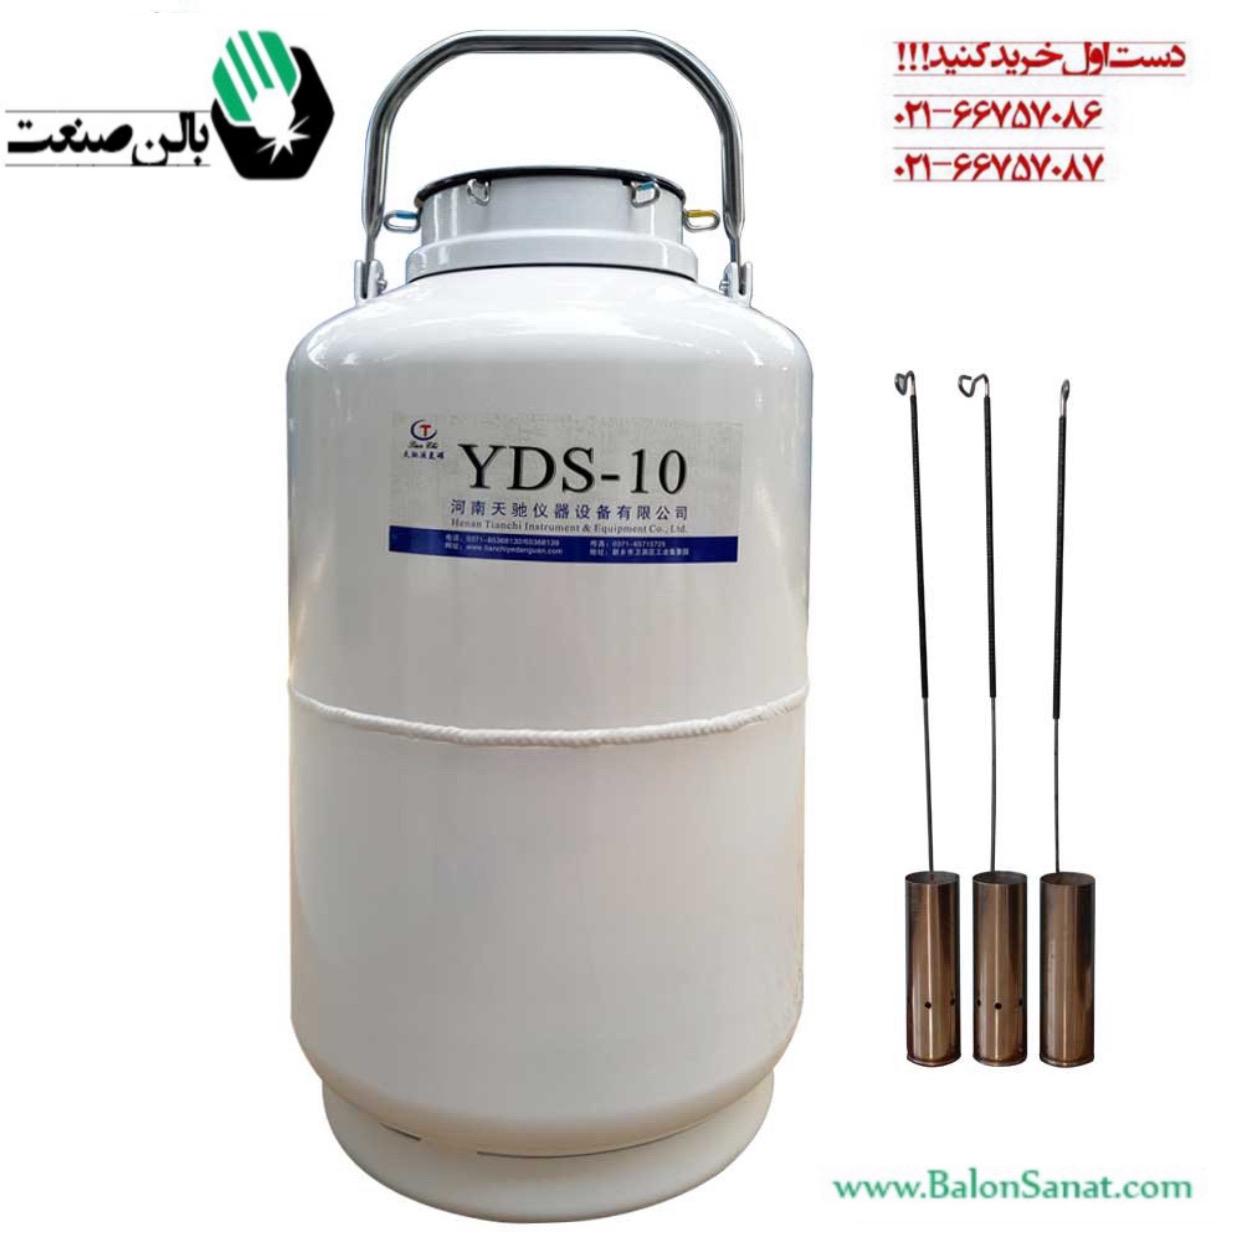 فلاسک نیتروژن مایع چیست